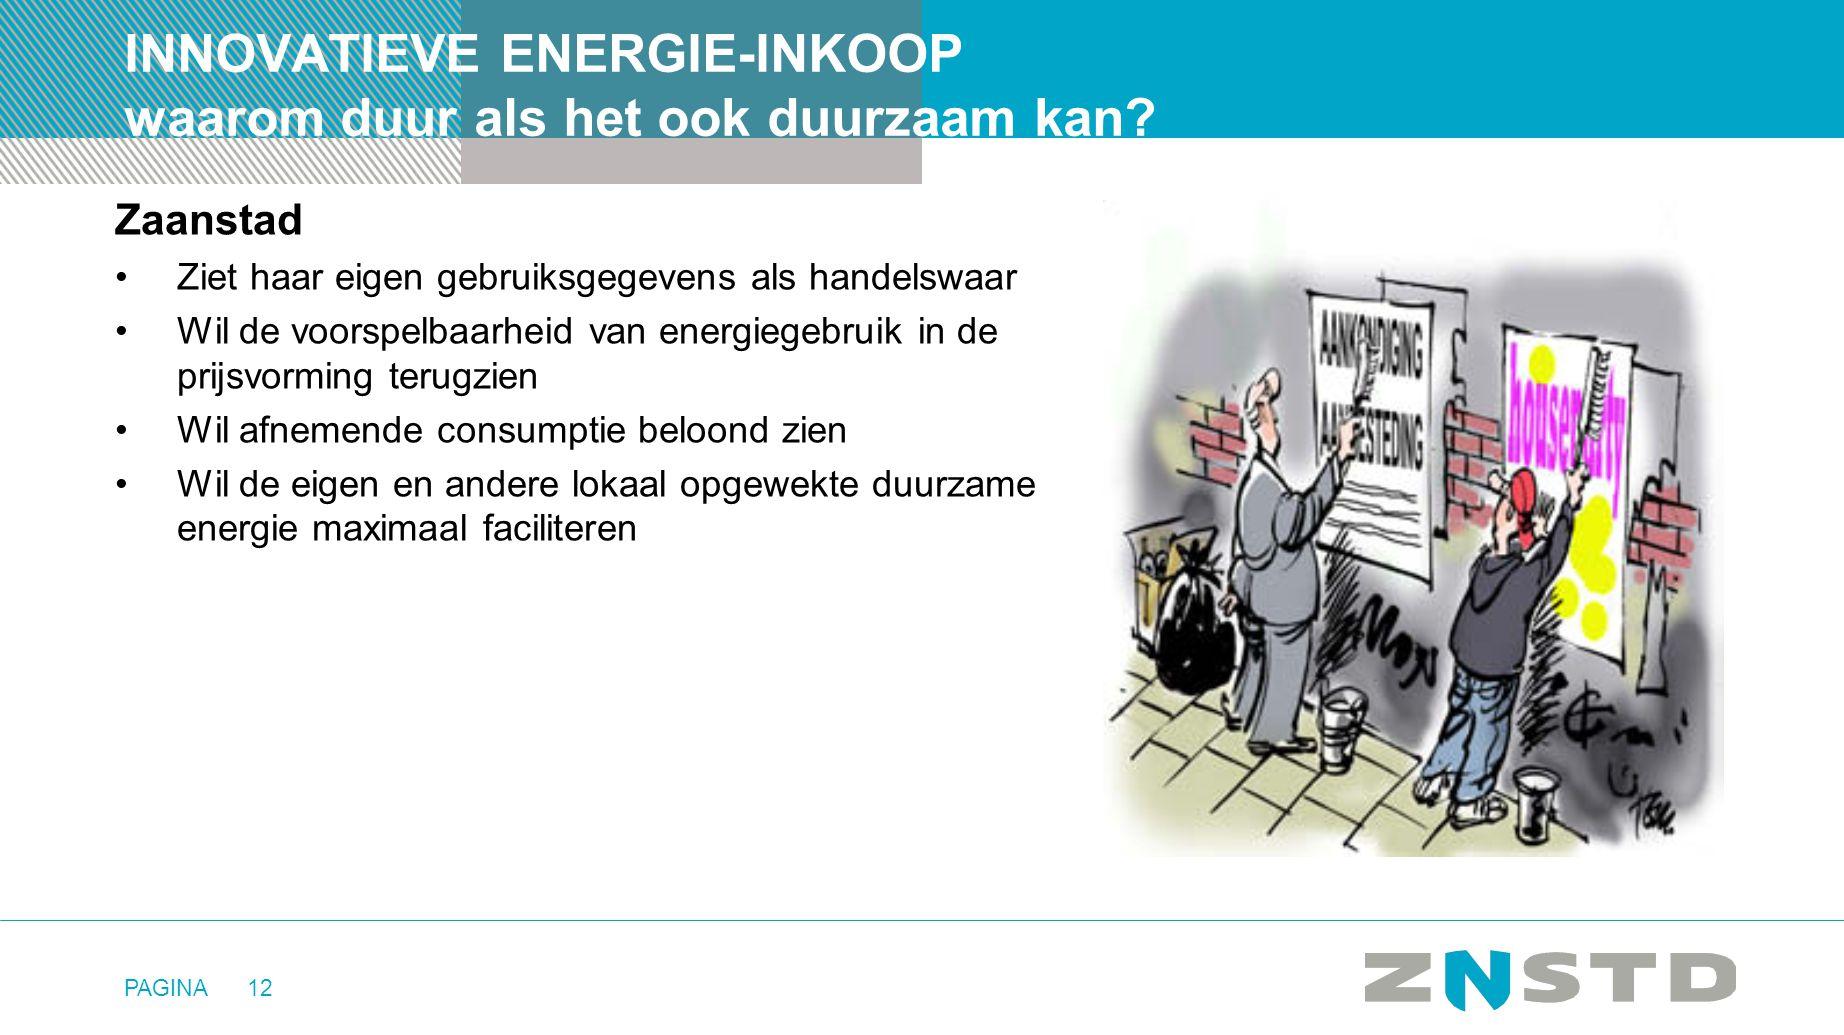 PAGINA12 INNOVATIEVE ENERGIE-INKOOP waarom duur als het ook duurzaam kan? Zaanstad •Ziet haar eigen gebruiksgegevens als handelswaar •Wil de voorspelb